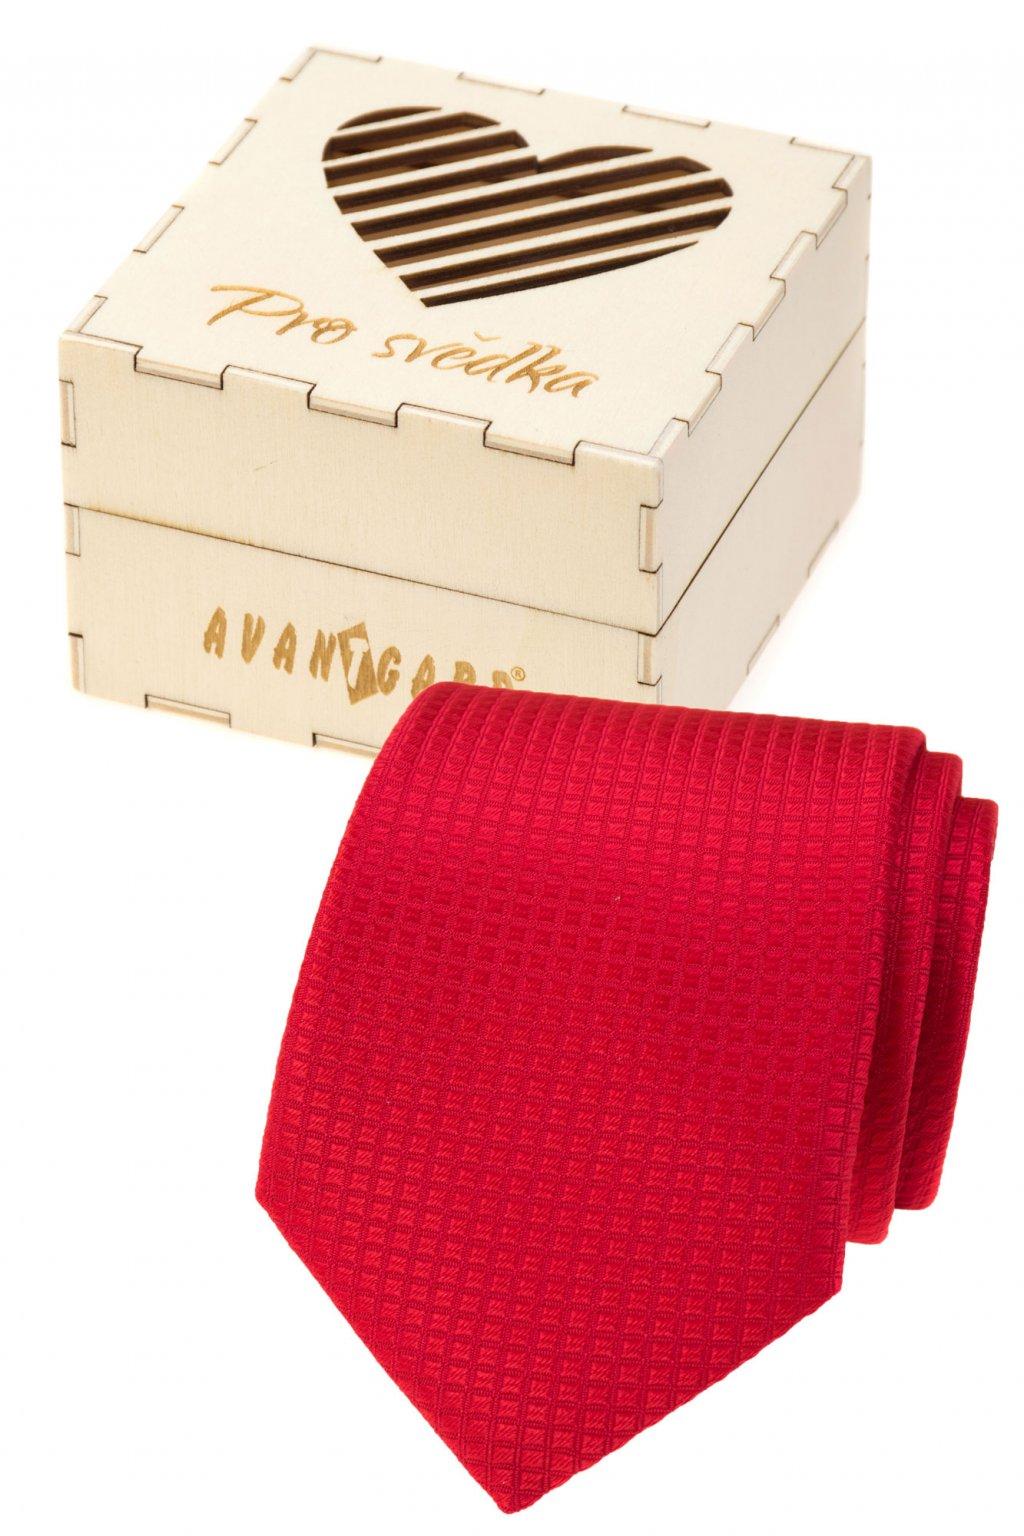 Dárkový set Pro svědka - Kravata v dárkové dřevěné krabičce s nápisem, 919-37221, Červená, přírodní dřevo